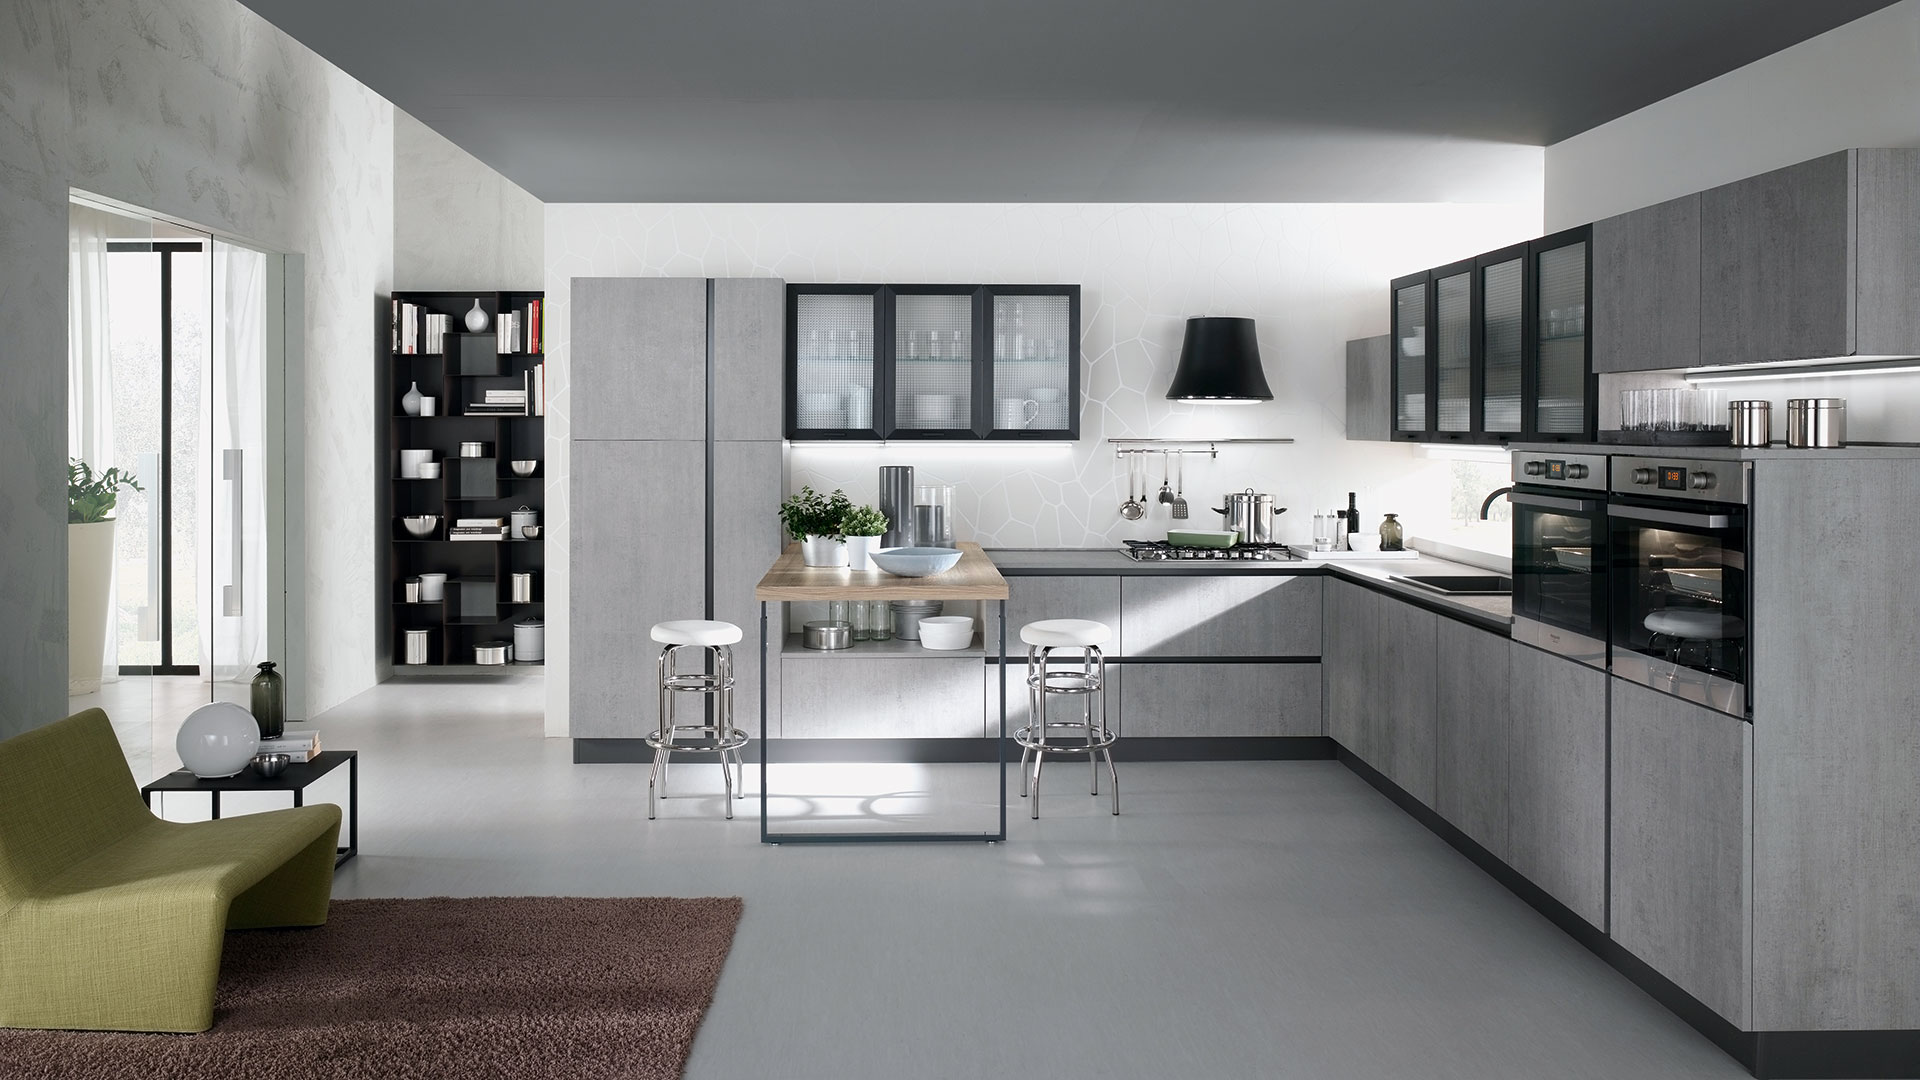 Produttore di cucine moderne evo cucine - Cucine living moderne ...